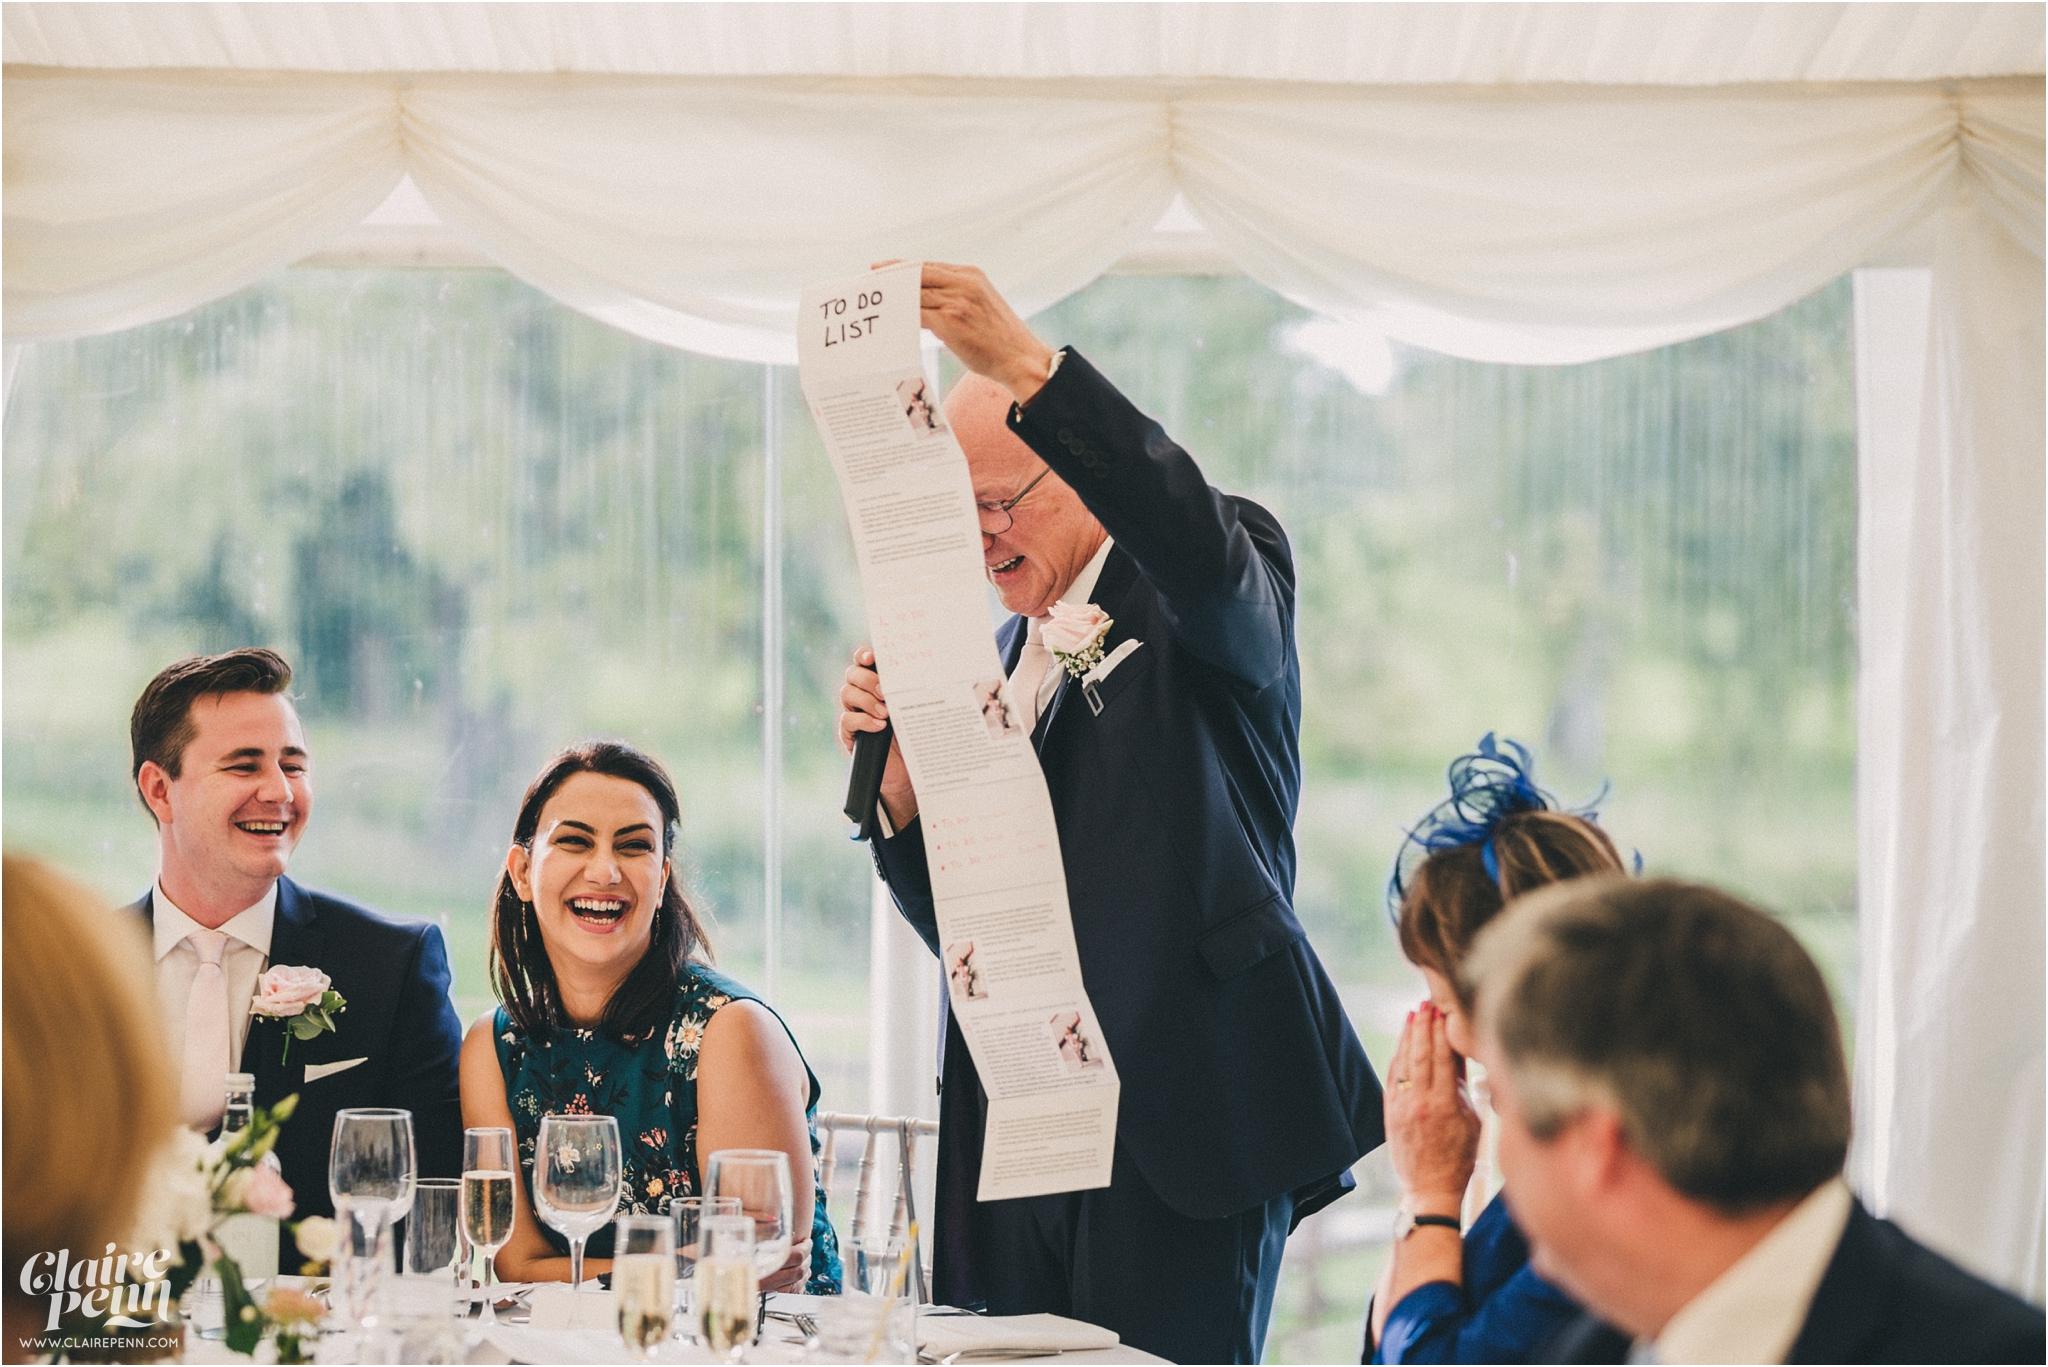 Stylish Cambridge wedding Longstowe Hall_0036.jpg